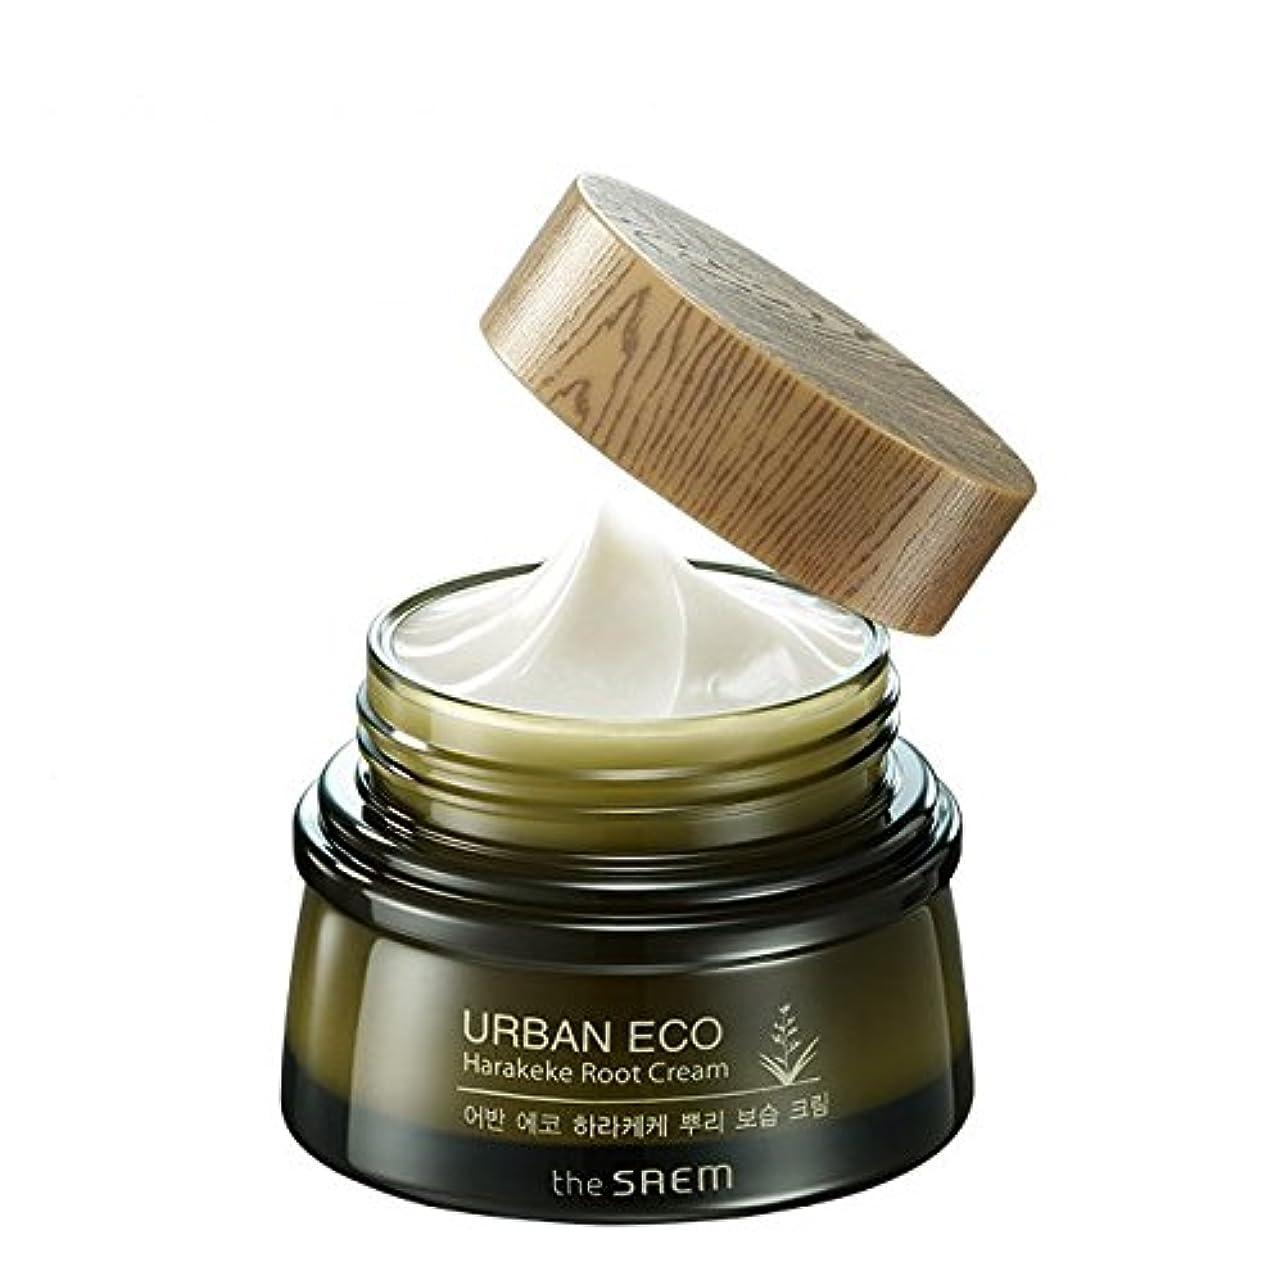 同封するのヒープチロ[ザセム] The Saem [アーバンエコ ハラケケ 根保湿クリーム60ml (The Saem Urban Eco Harakeke Root Cream60ml)